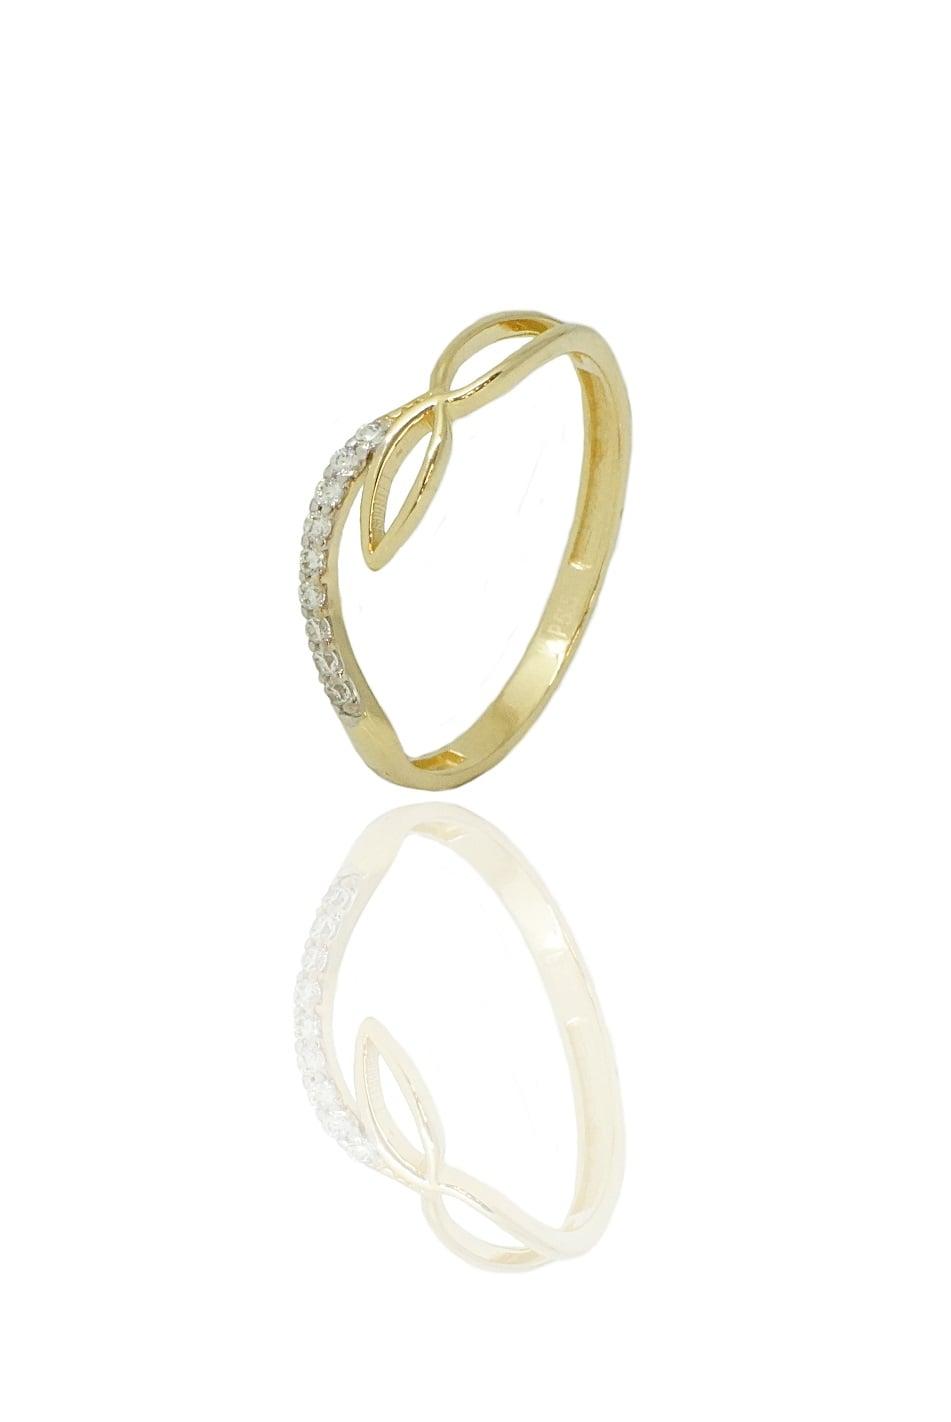 טבעת אינפיניטי זרקונים זהב צהוב , זהב 14 קאראט